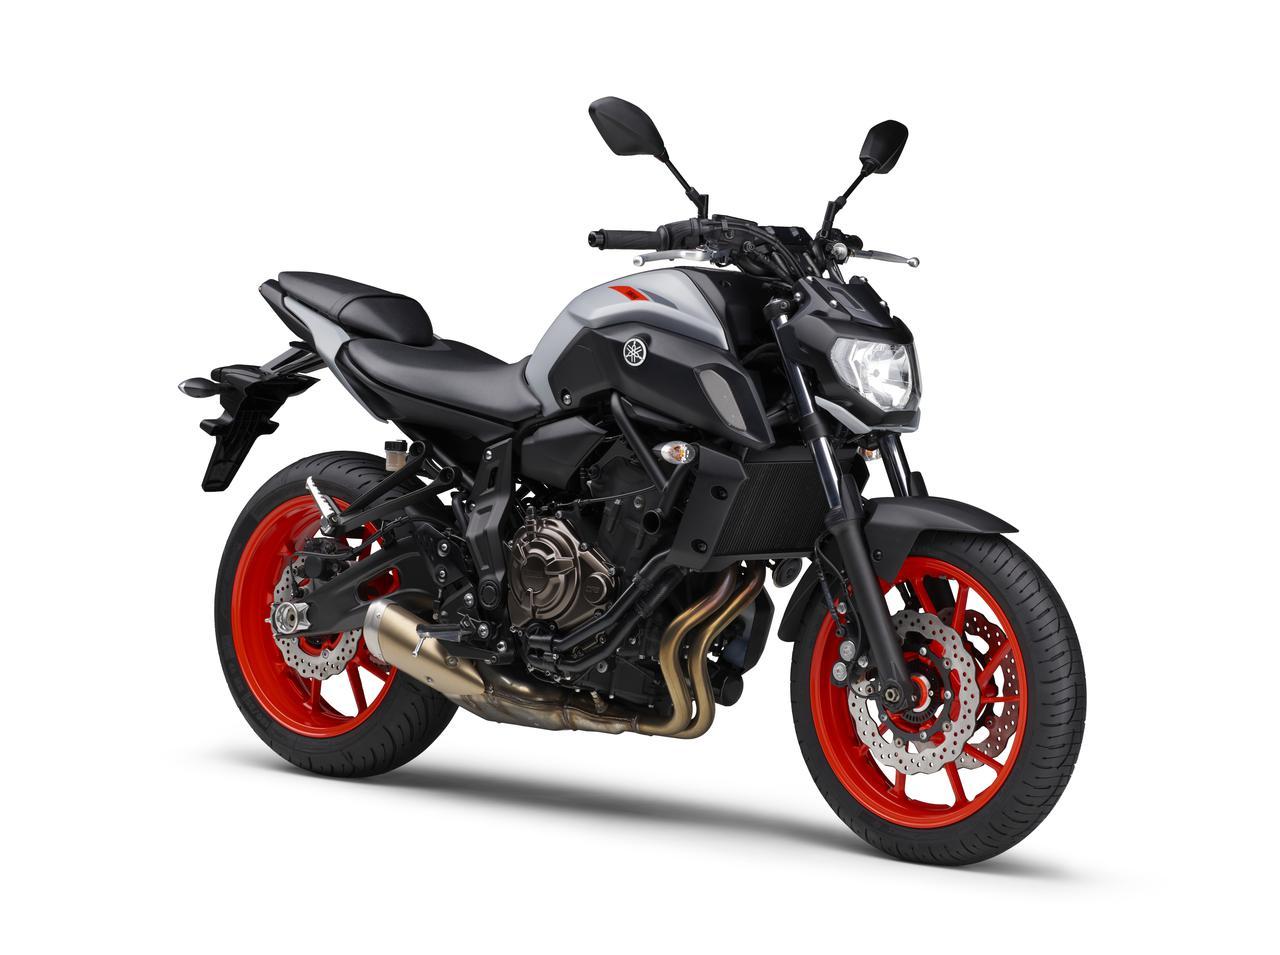 Images : 7番目の画像 - YAMAHA「MT-07 ABS」2020年モデルの写真 - webオートバイ